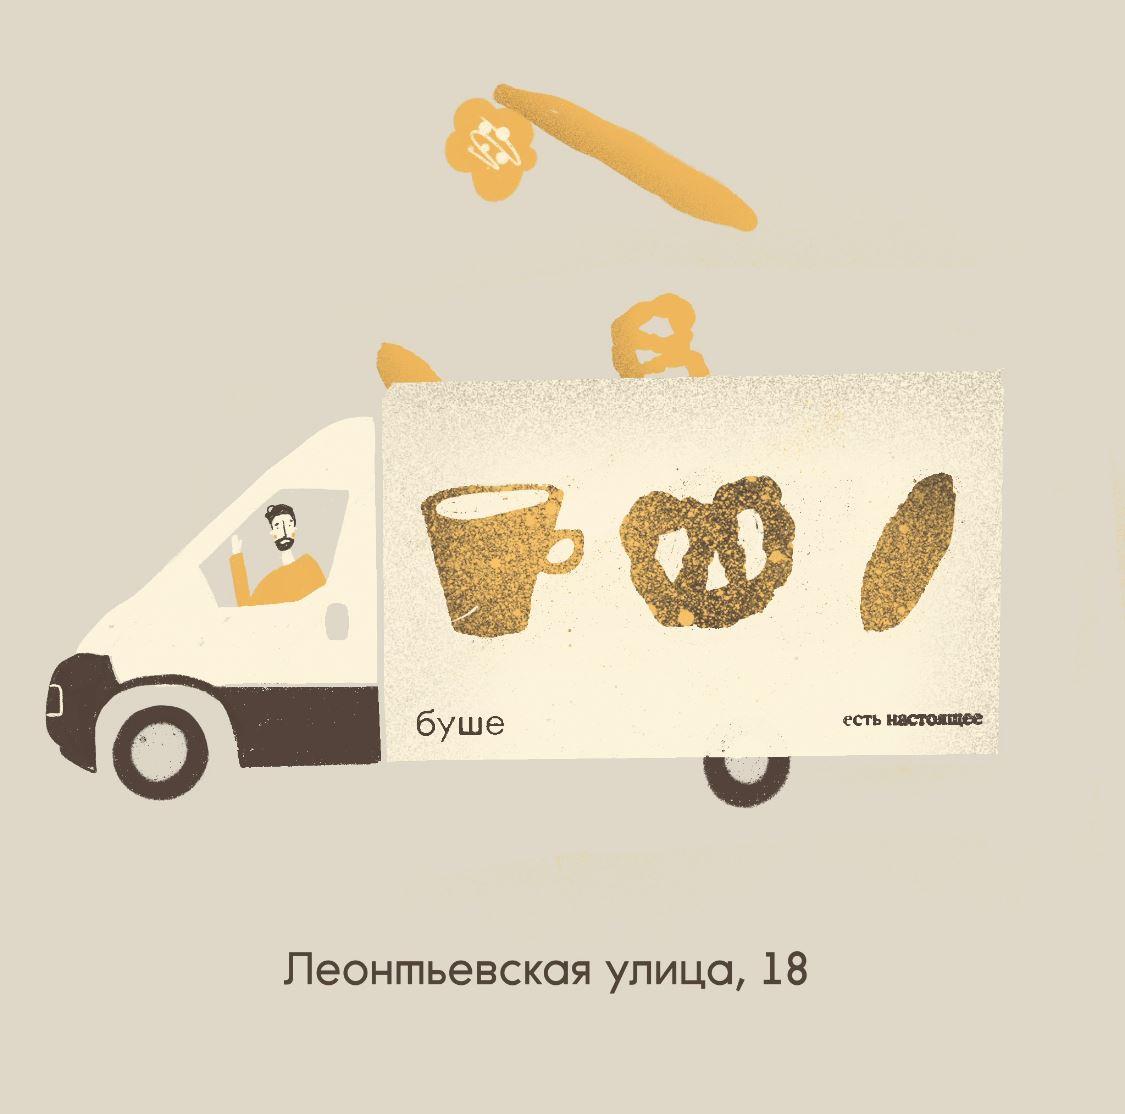 Бушемобиль в Пушкине!